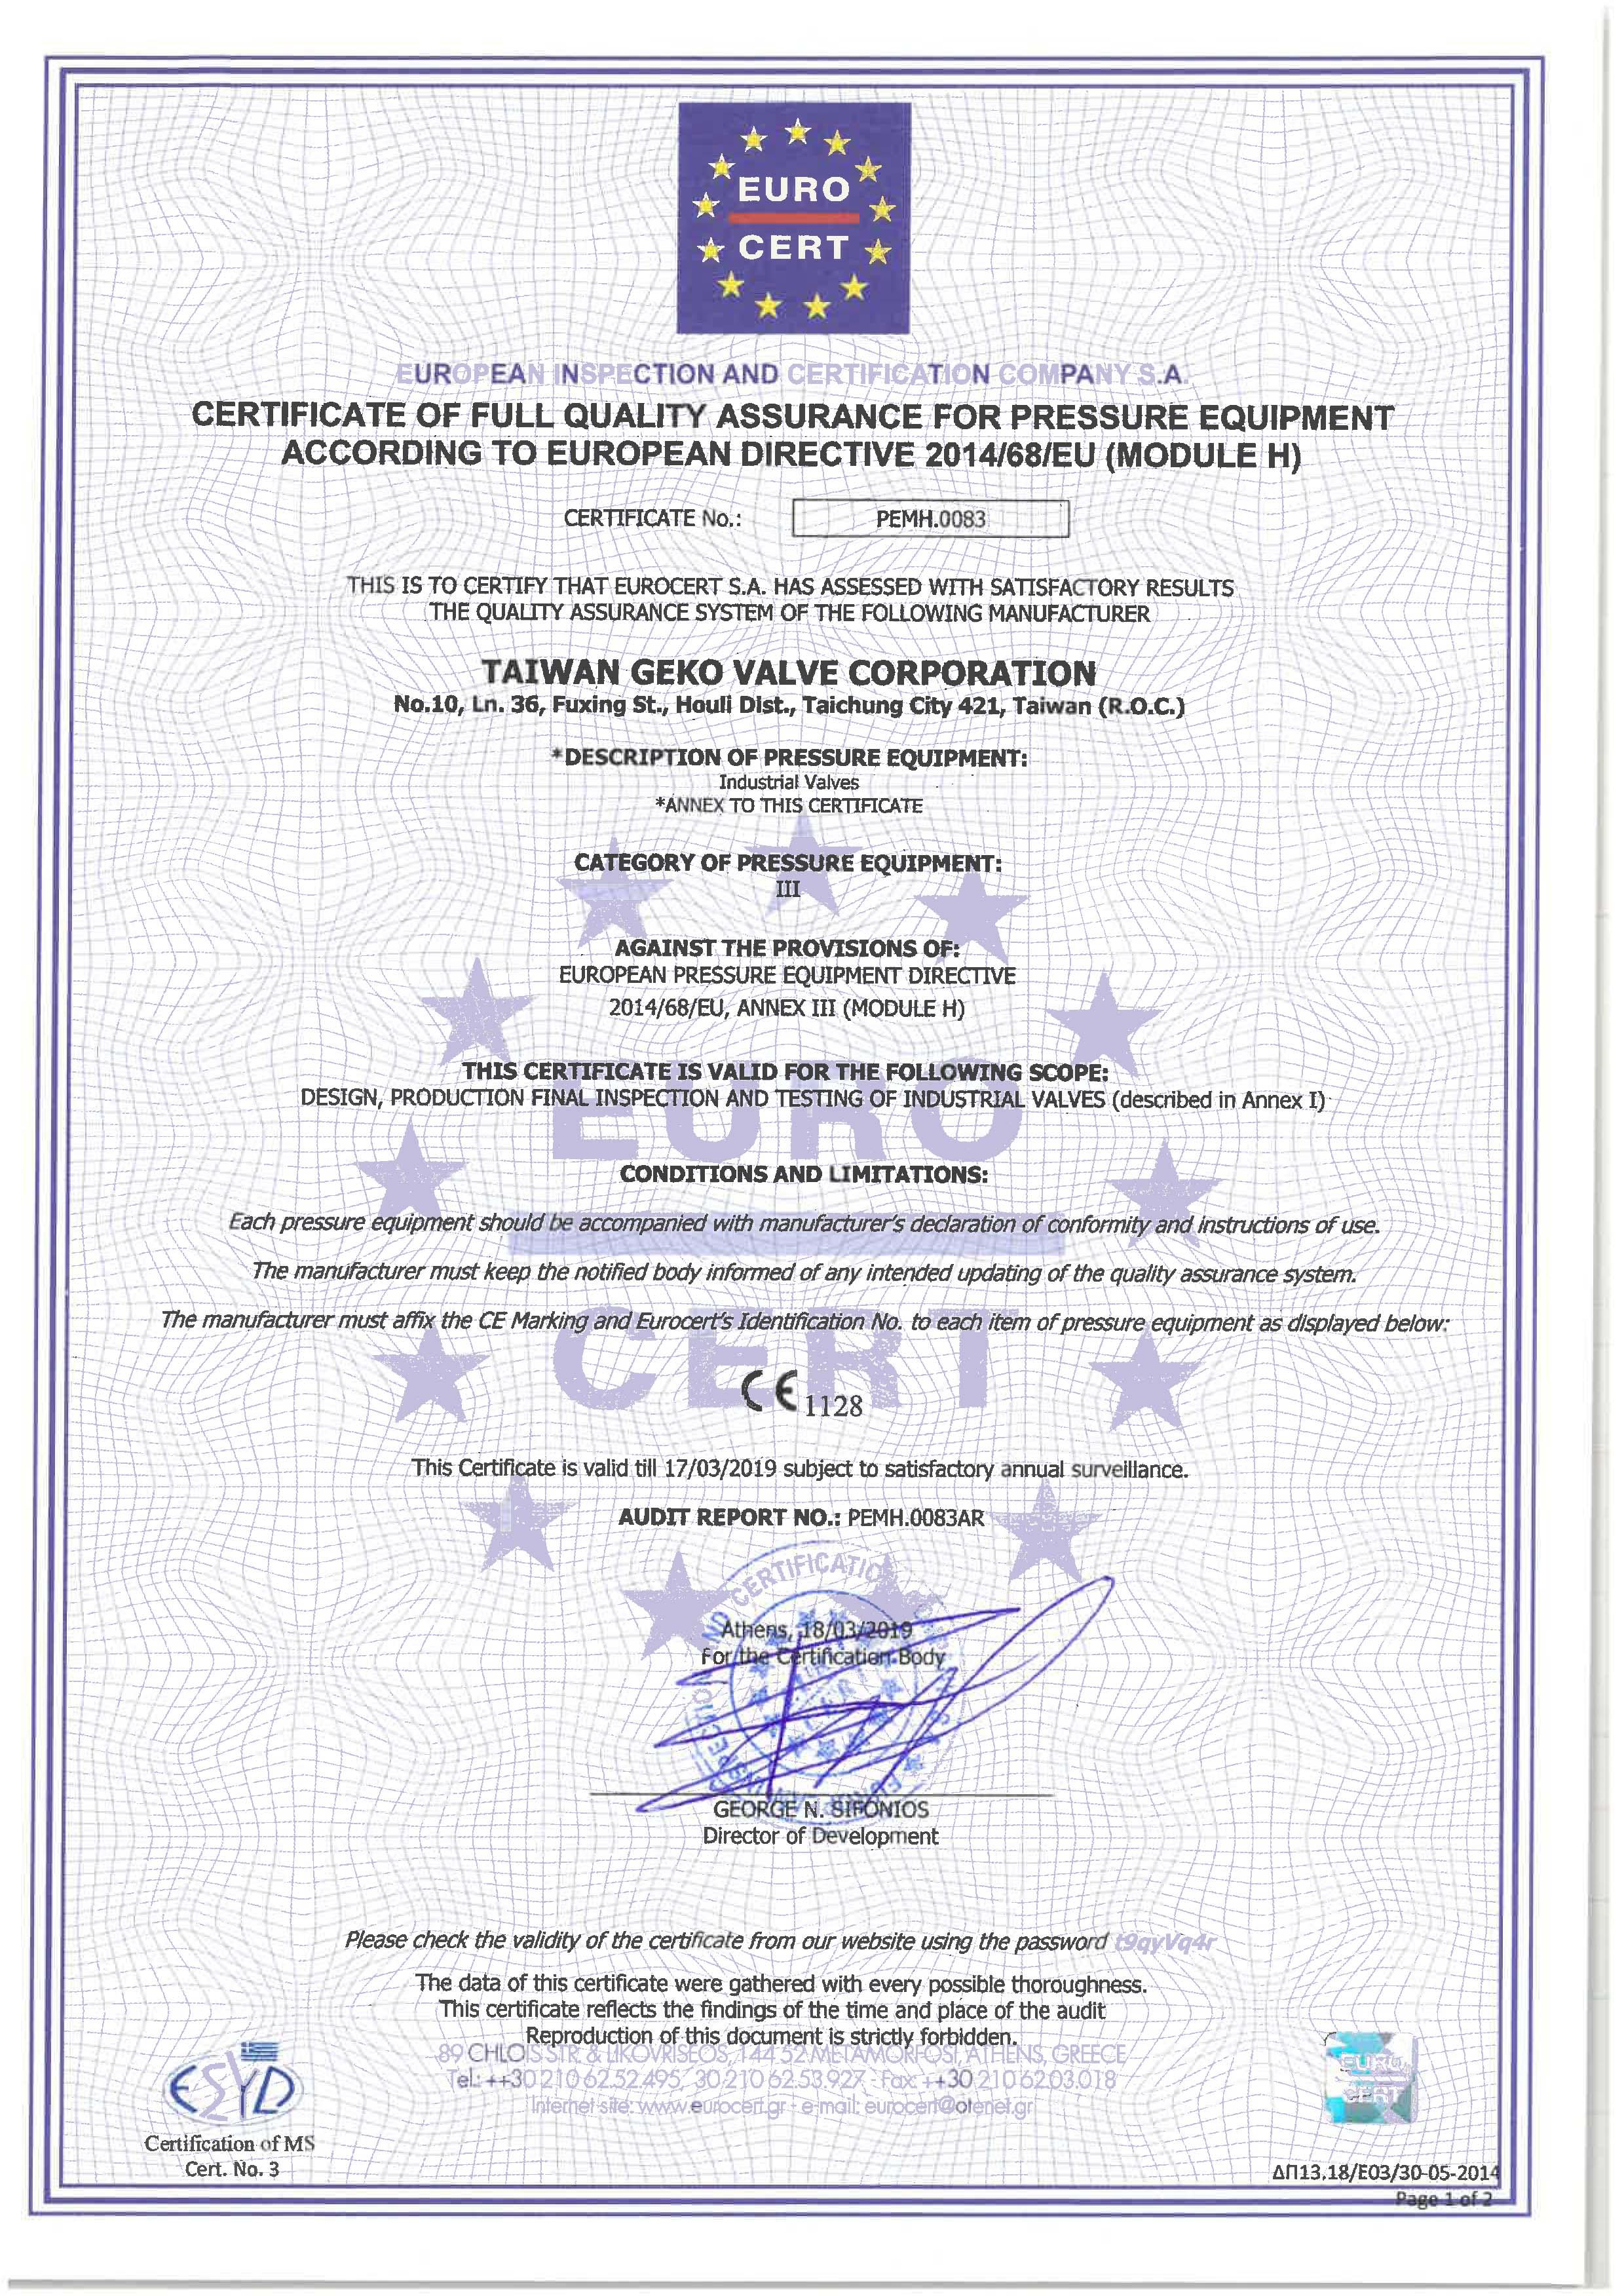 臺灣蓋科閥業股份有限公司通過歐盟ISO,PED認證-德國GEKO流體控制有限公司